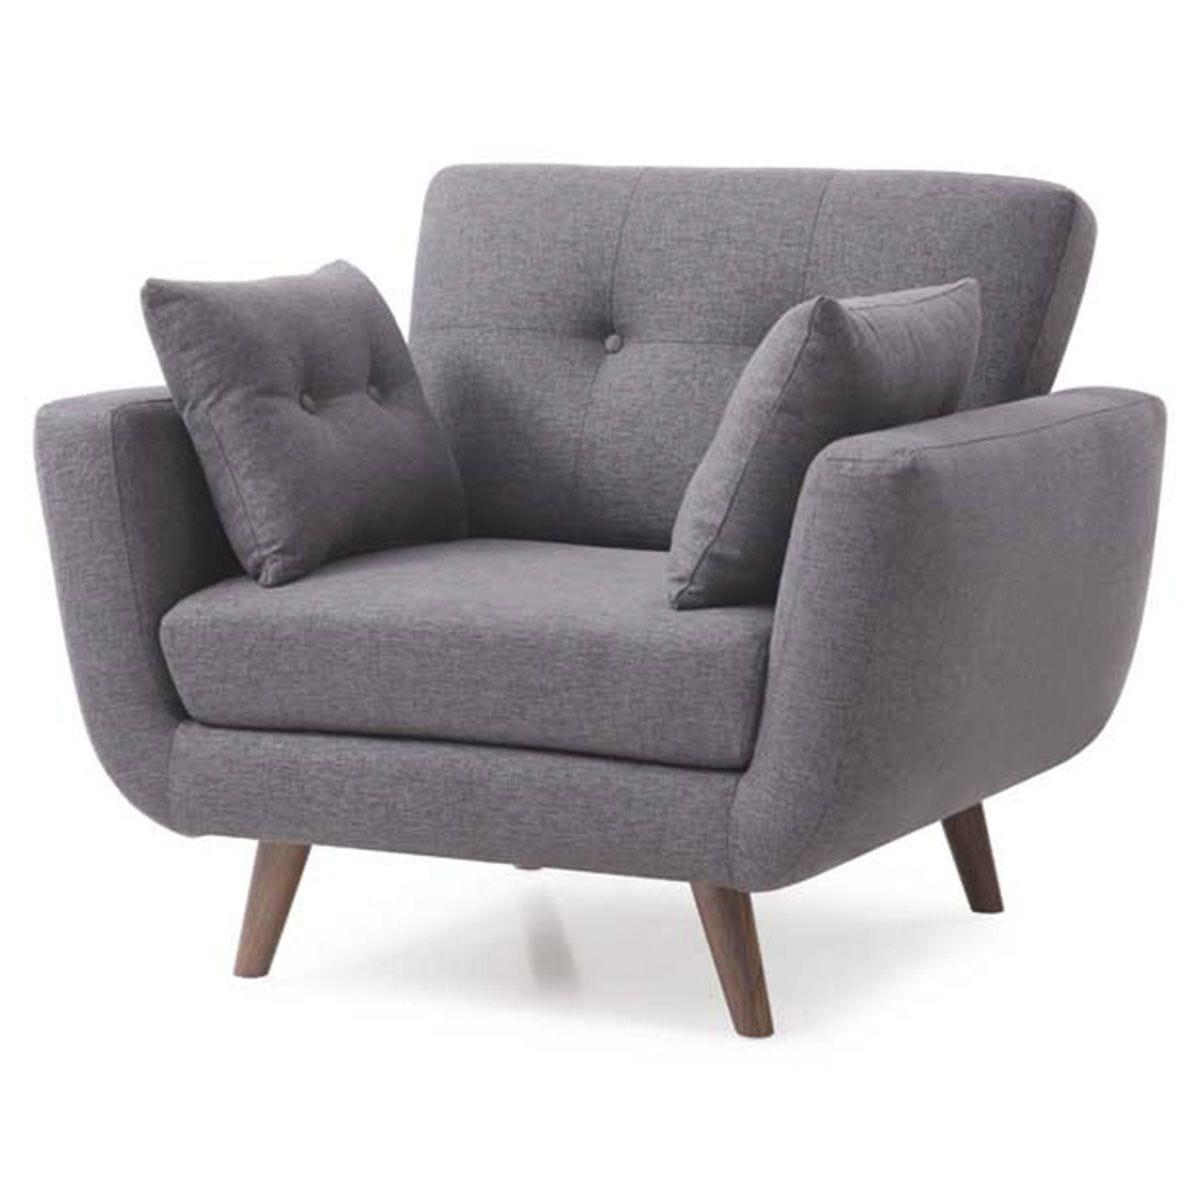 Bookham Chair - Grey